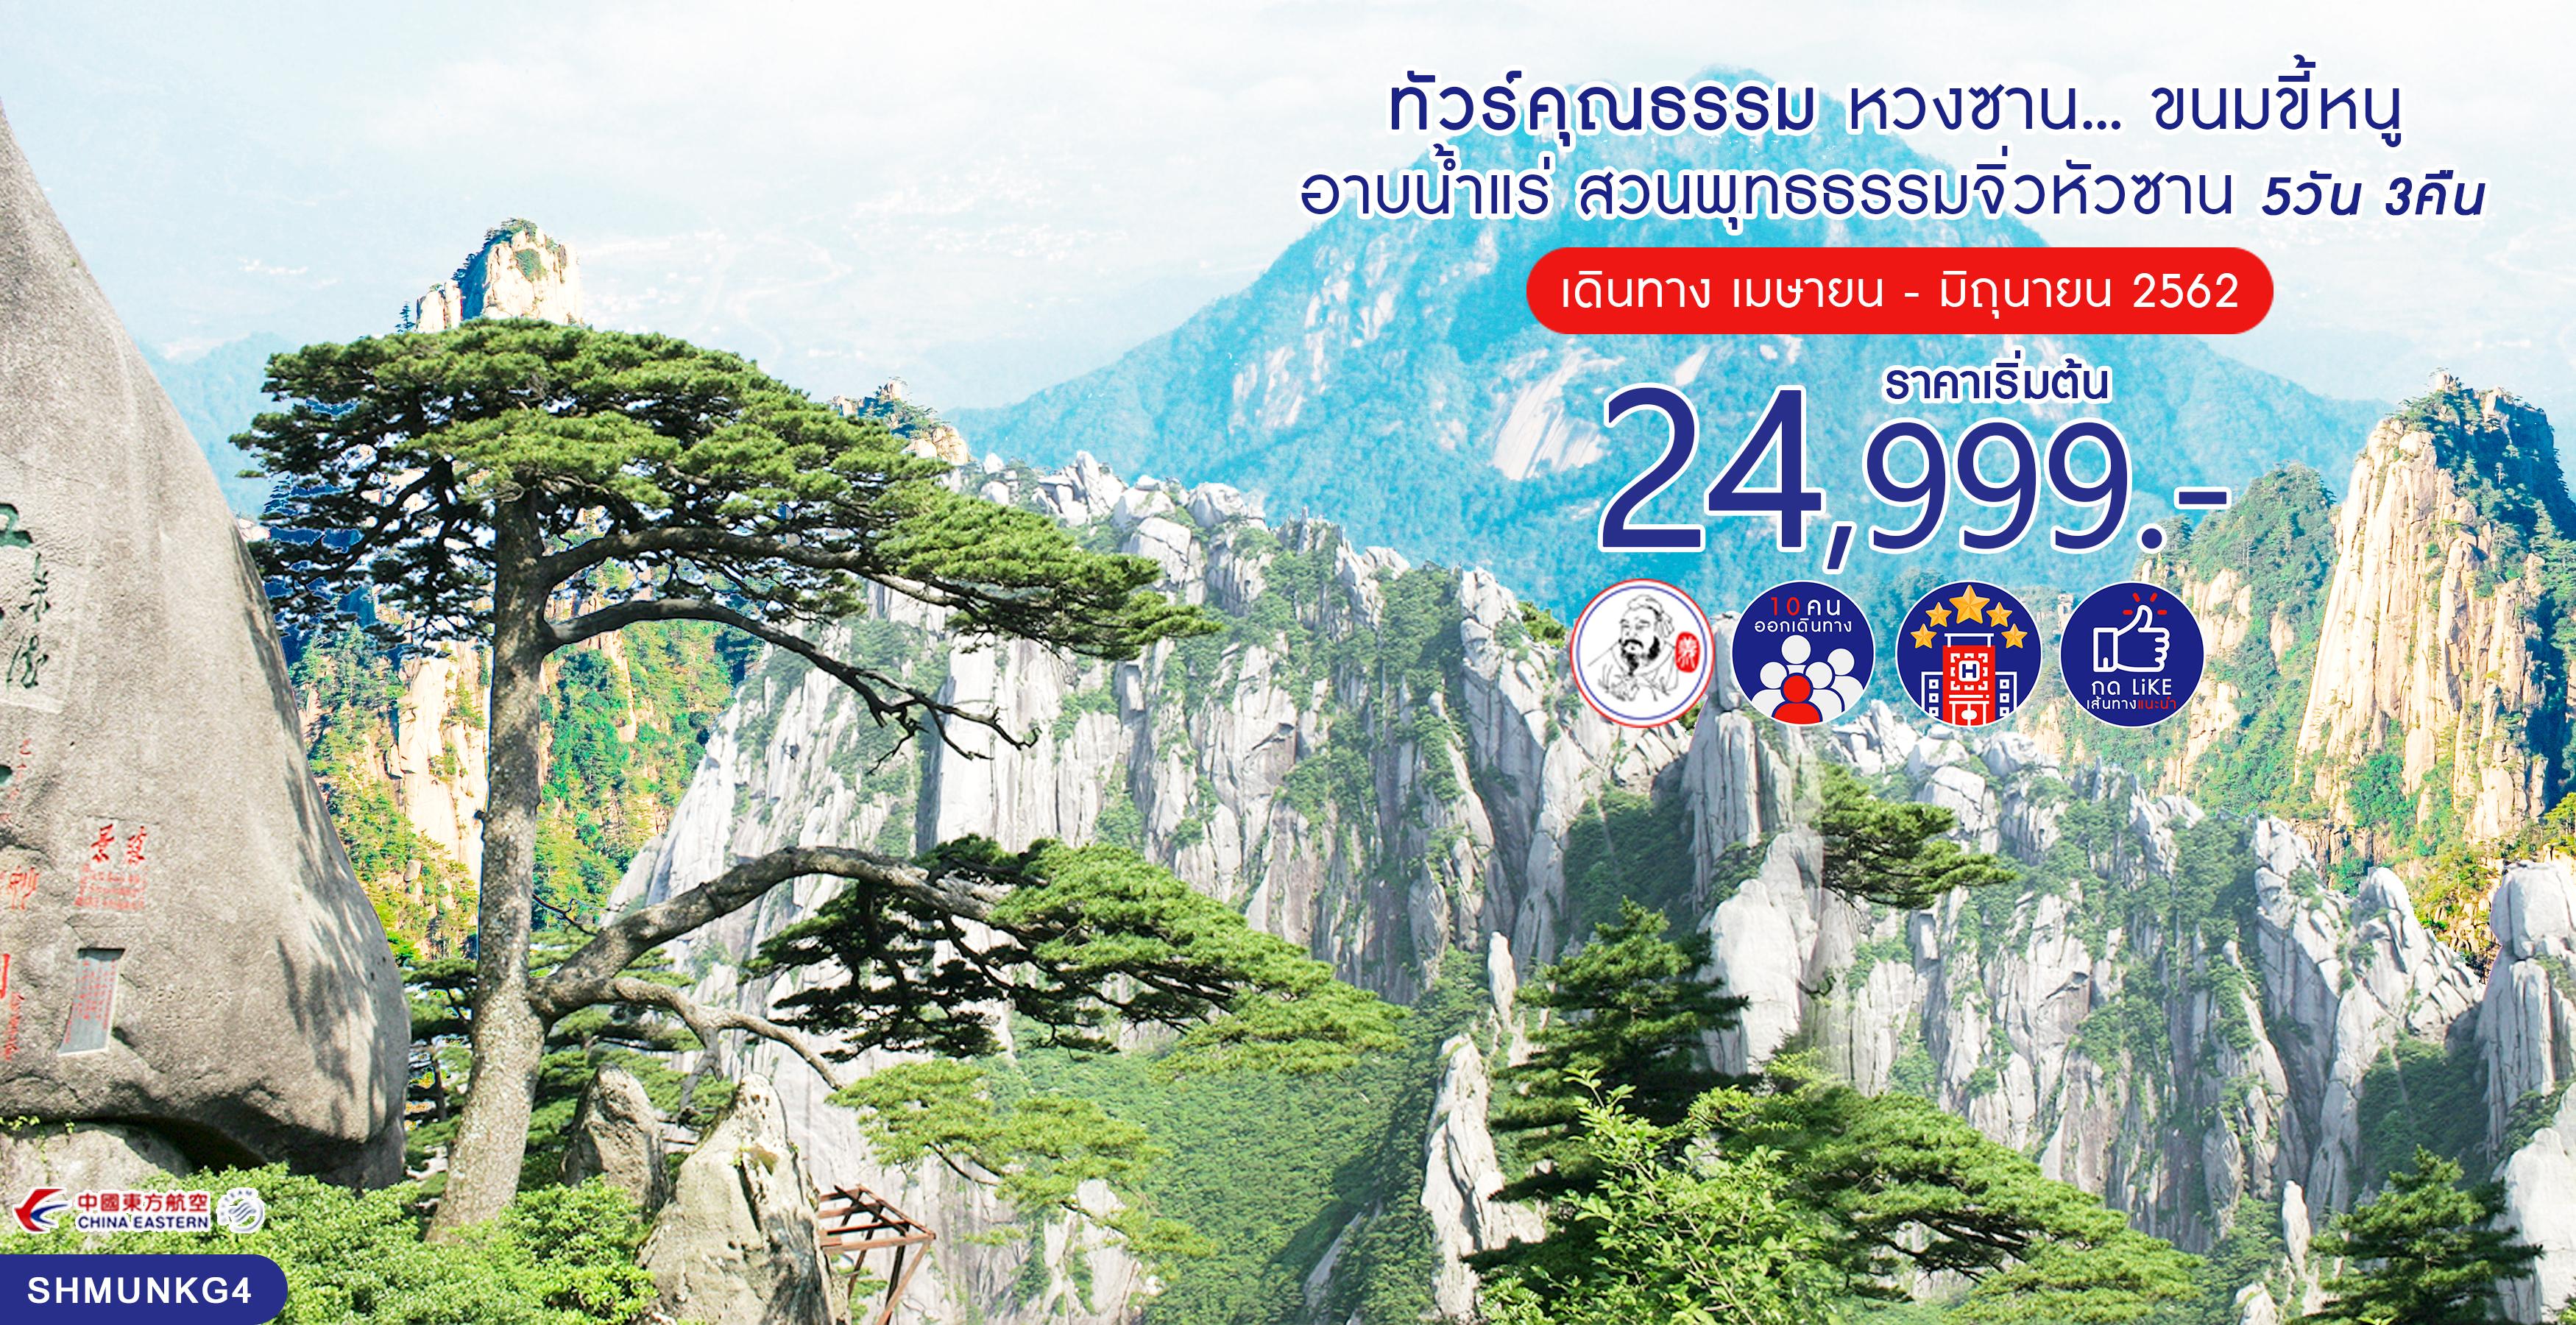 ทัวร์จีน ทัวร์คุณธรรม ทัวร์หวงซาน...ขนมขี้หนู อาบน้ำแร่ สวนพุทธธรรมจิ่วหัวซาน 5 วัน 3 คืน (MU)